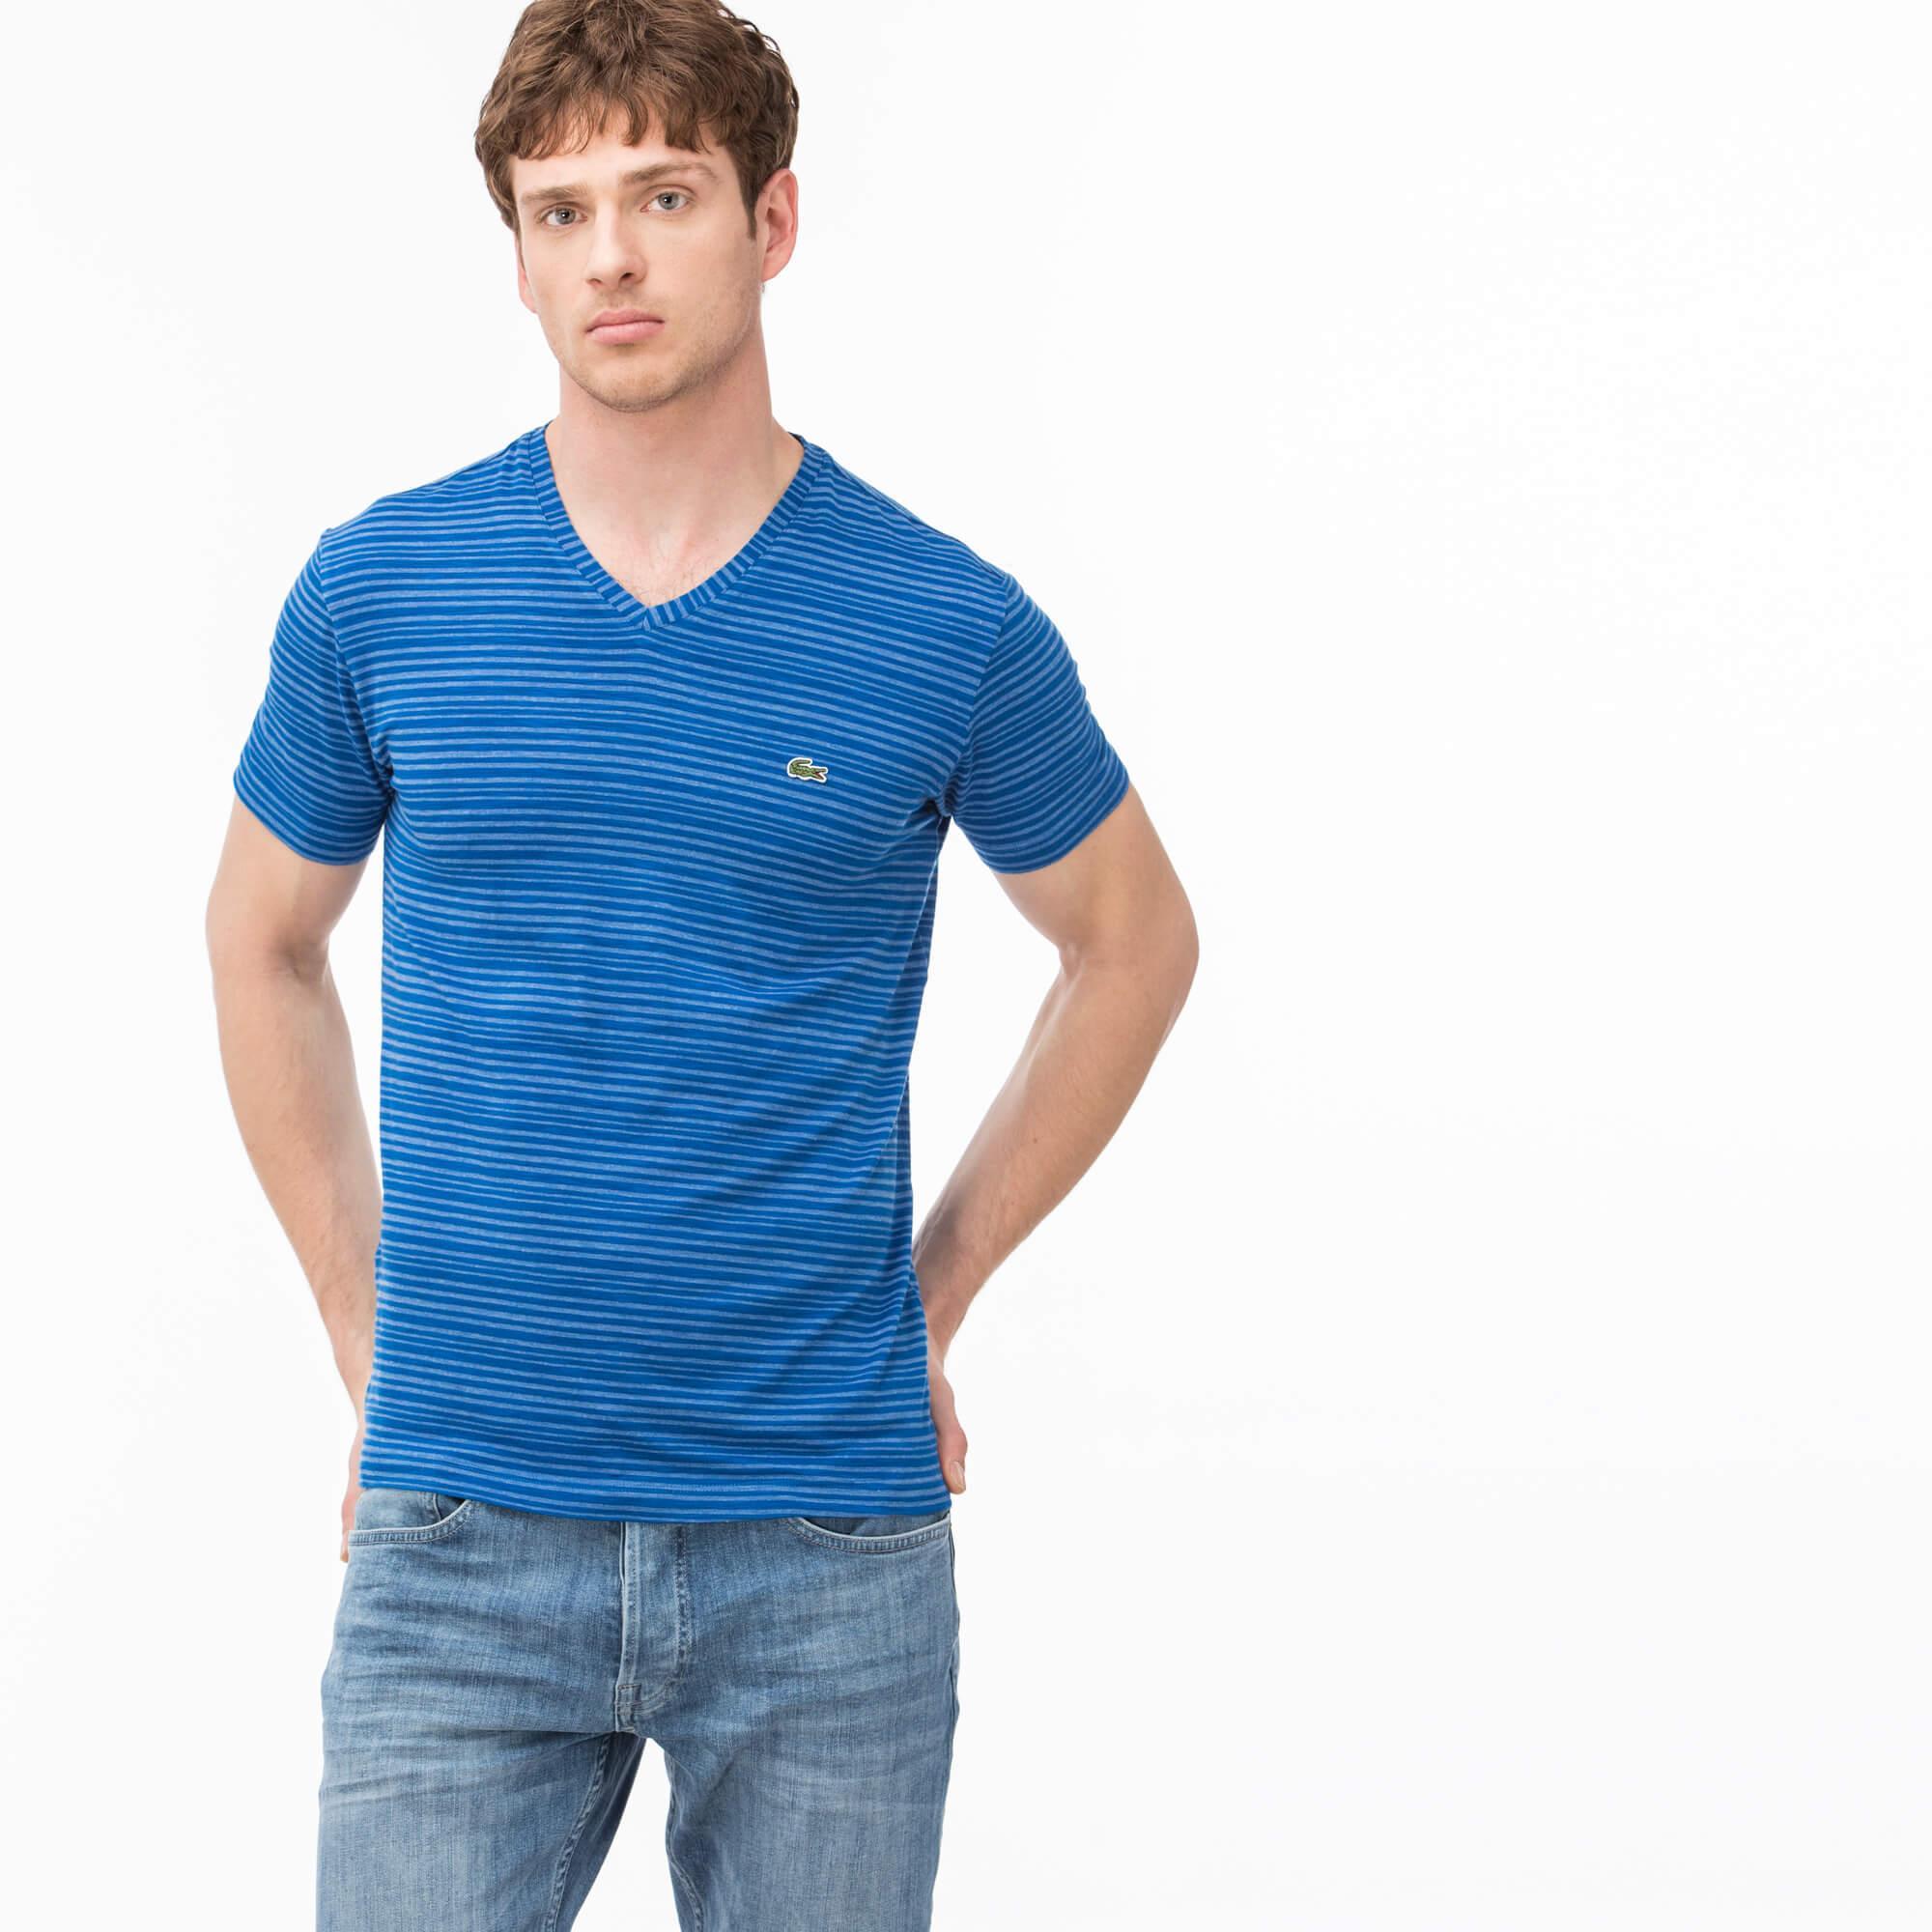 Lacoste Erkek Slim Fit Mavi T-Shirt